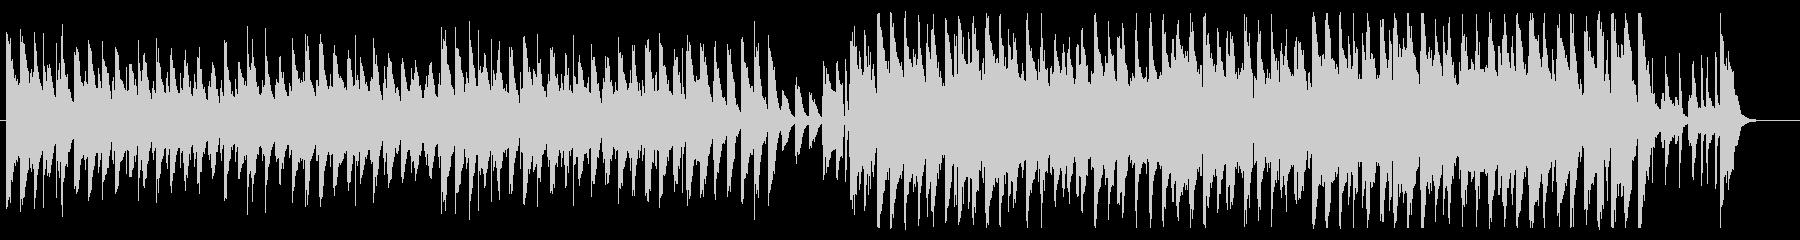 軽快、ハッピー、ポップ、ピアノ、ギターの未再生の波形